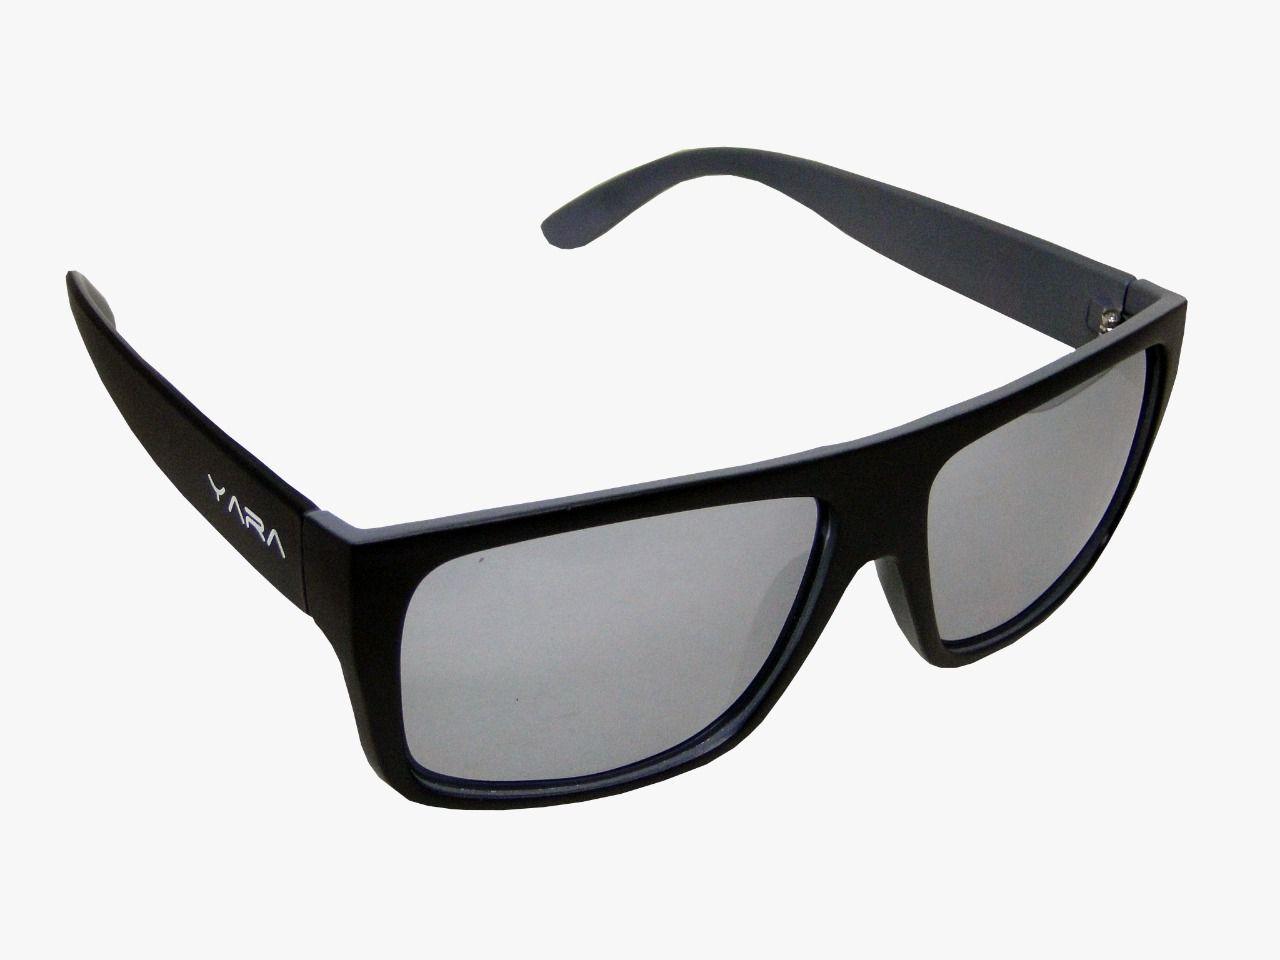 Óculos de Sol Dark Vision Polarizado Lente Cinza Yara 05952